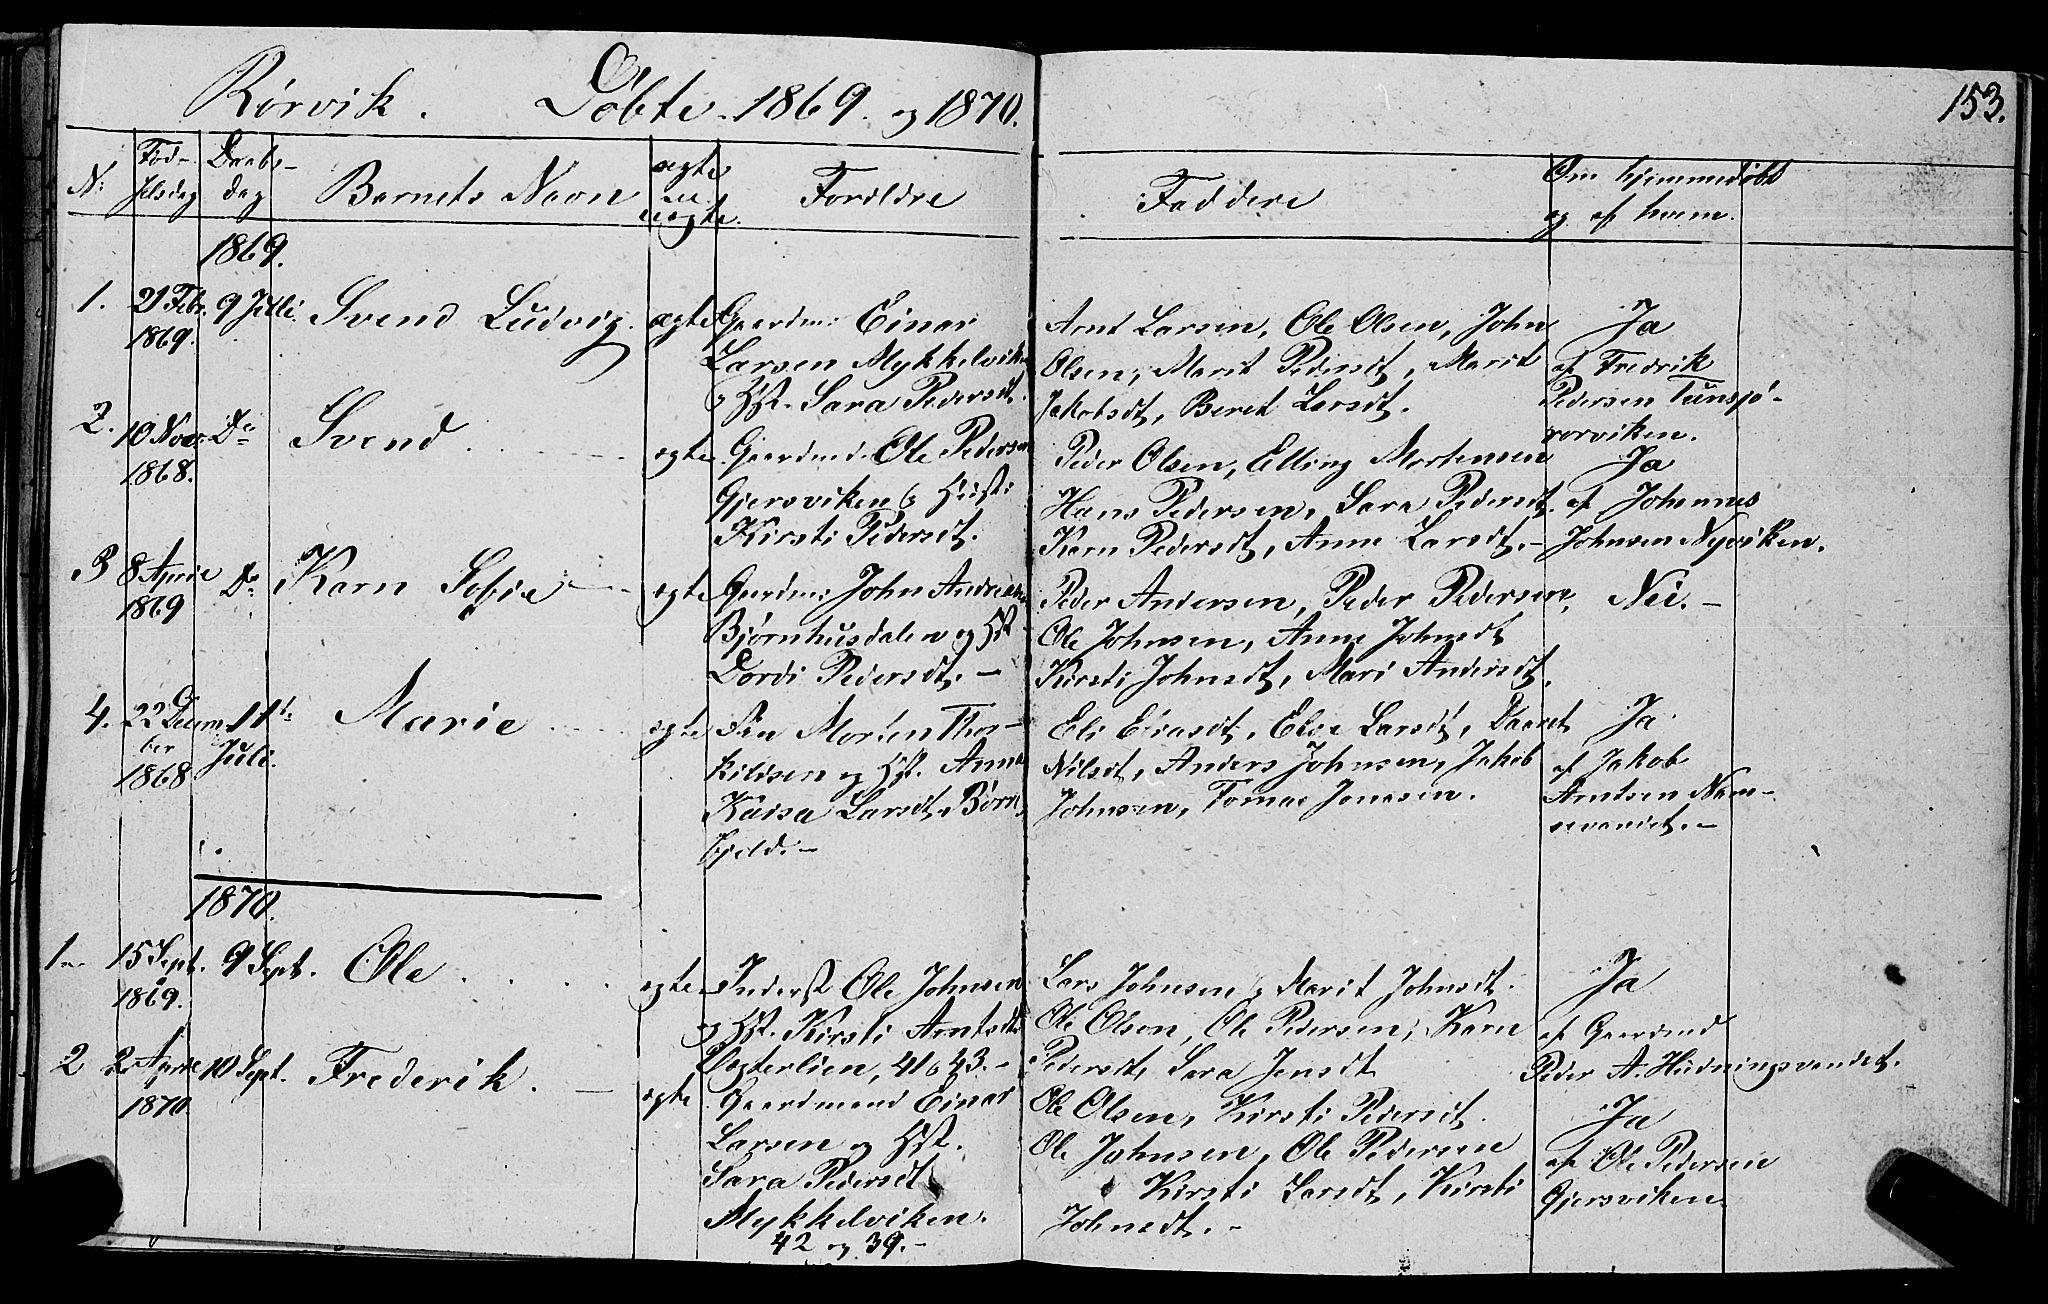 SAT, Ministerialprotokoller, klokkerbøker og fødselsregistre - Nord-Trøndelag, 762/L0538: Ministerialbok nr. 762A02 /1, 1833-1879, s. 153